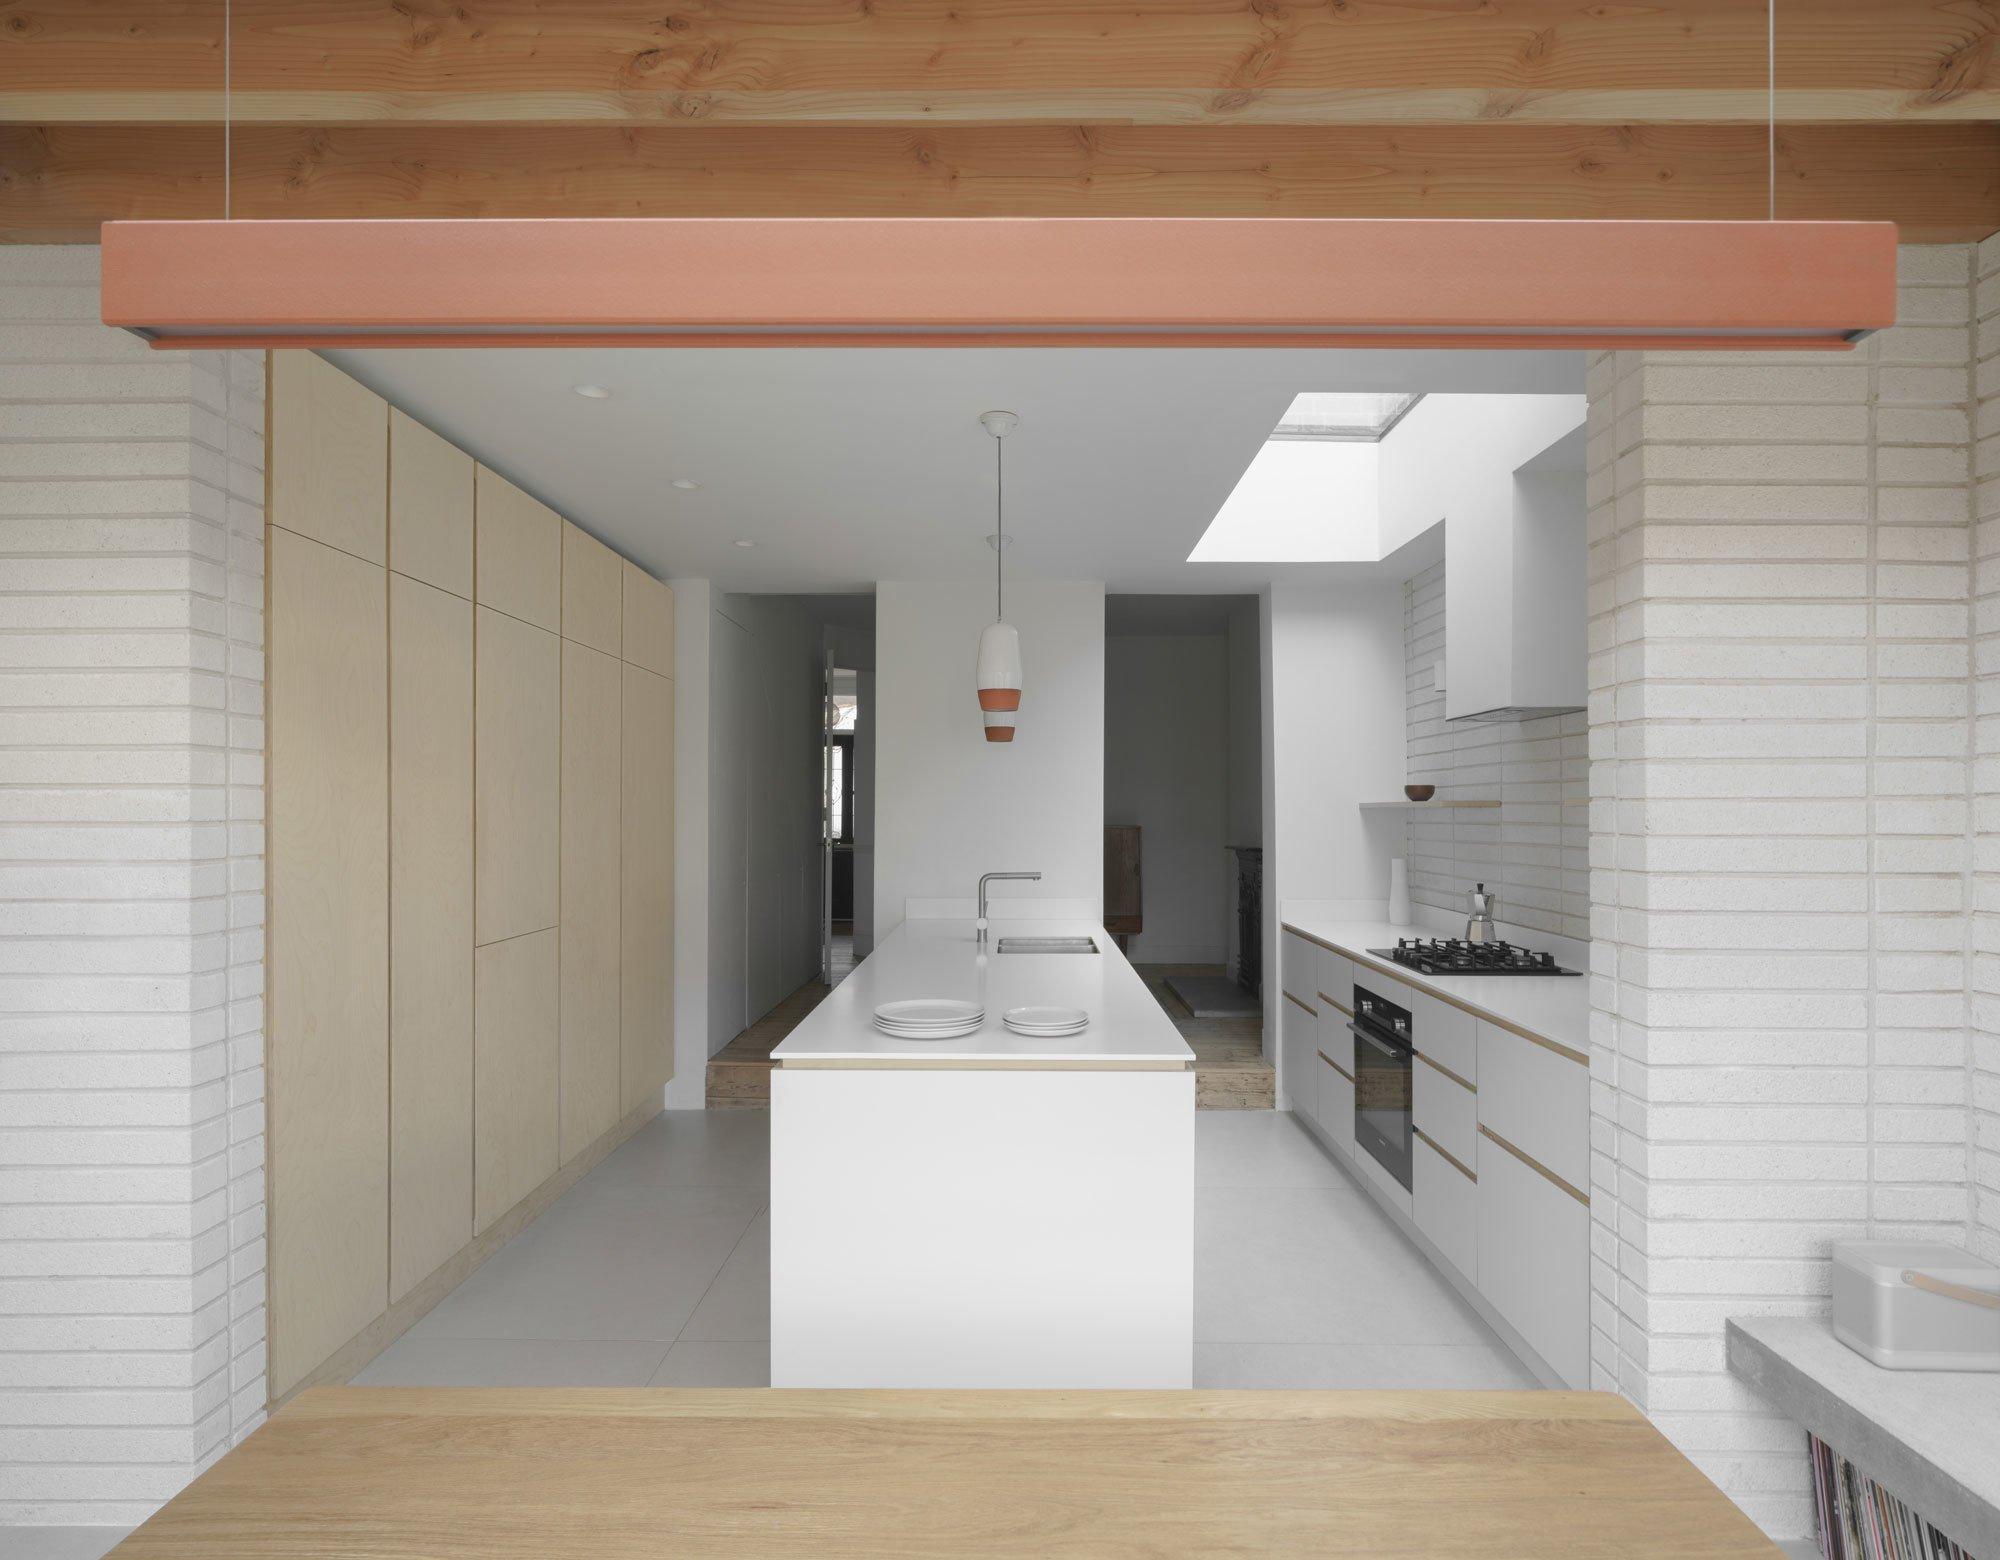 Die maßgefertigte Küche aus Birkenholz erstreckt sich über die gesamte Länge des Raumes, der im lichtdurchfluteten Esszimmer mündet.